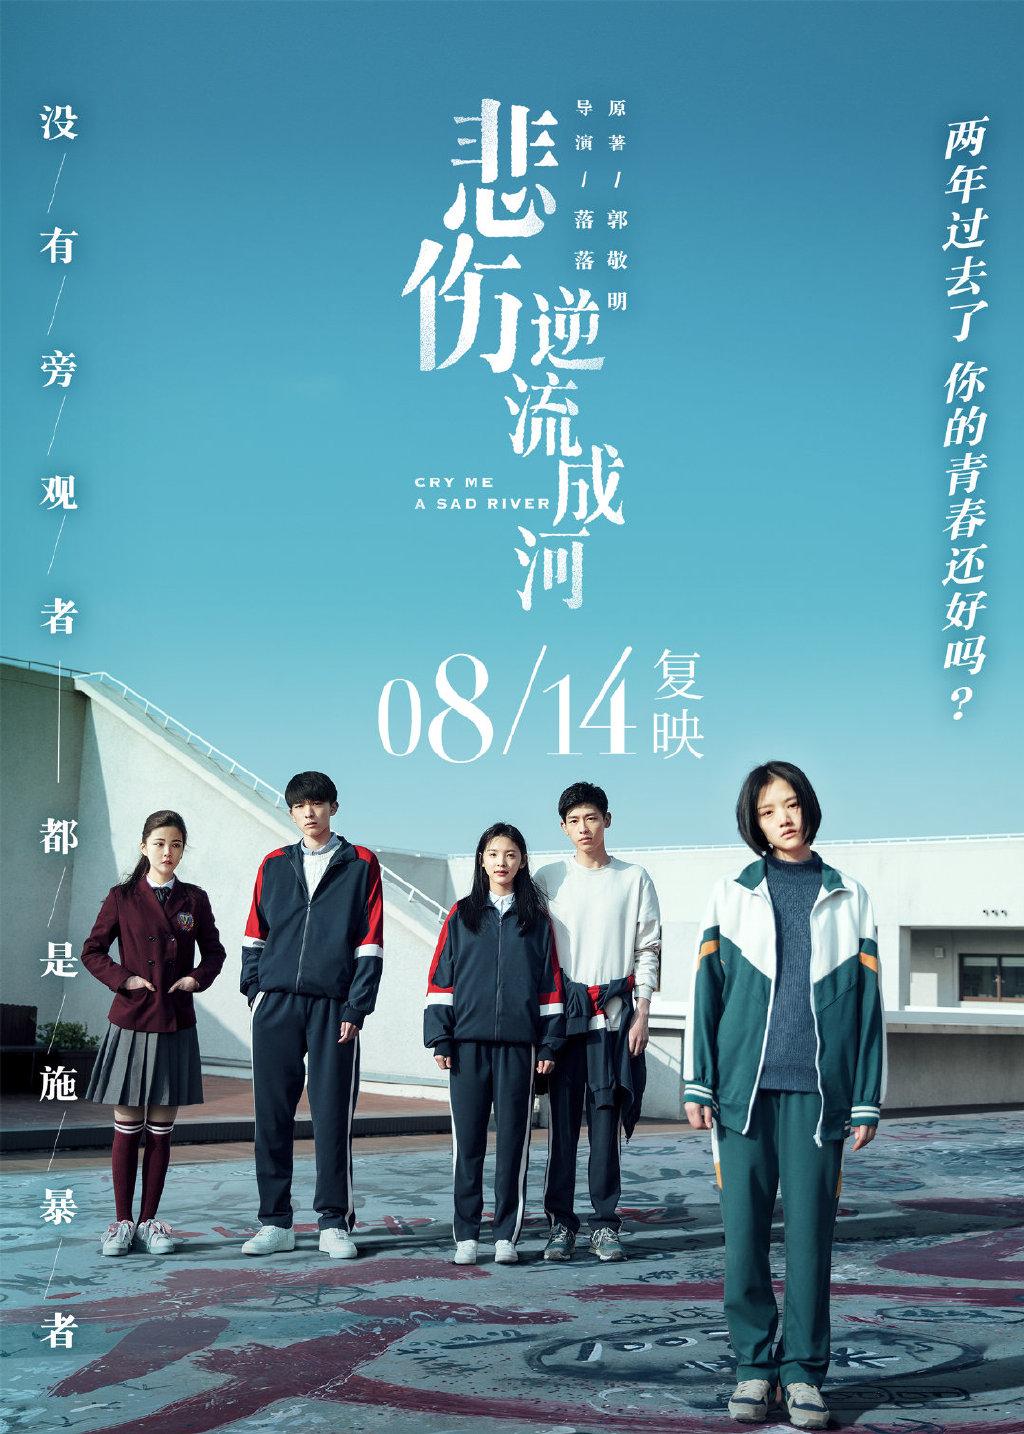 电影《悲伤逆流成河》8月14日复映,改编自郭敬明同名小说